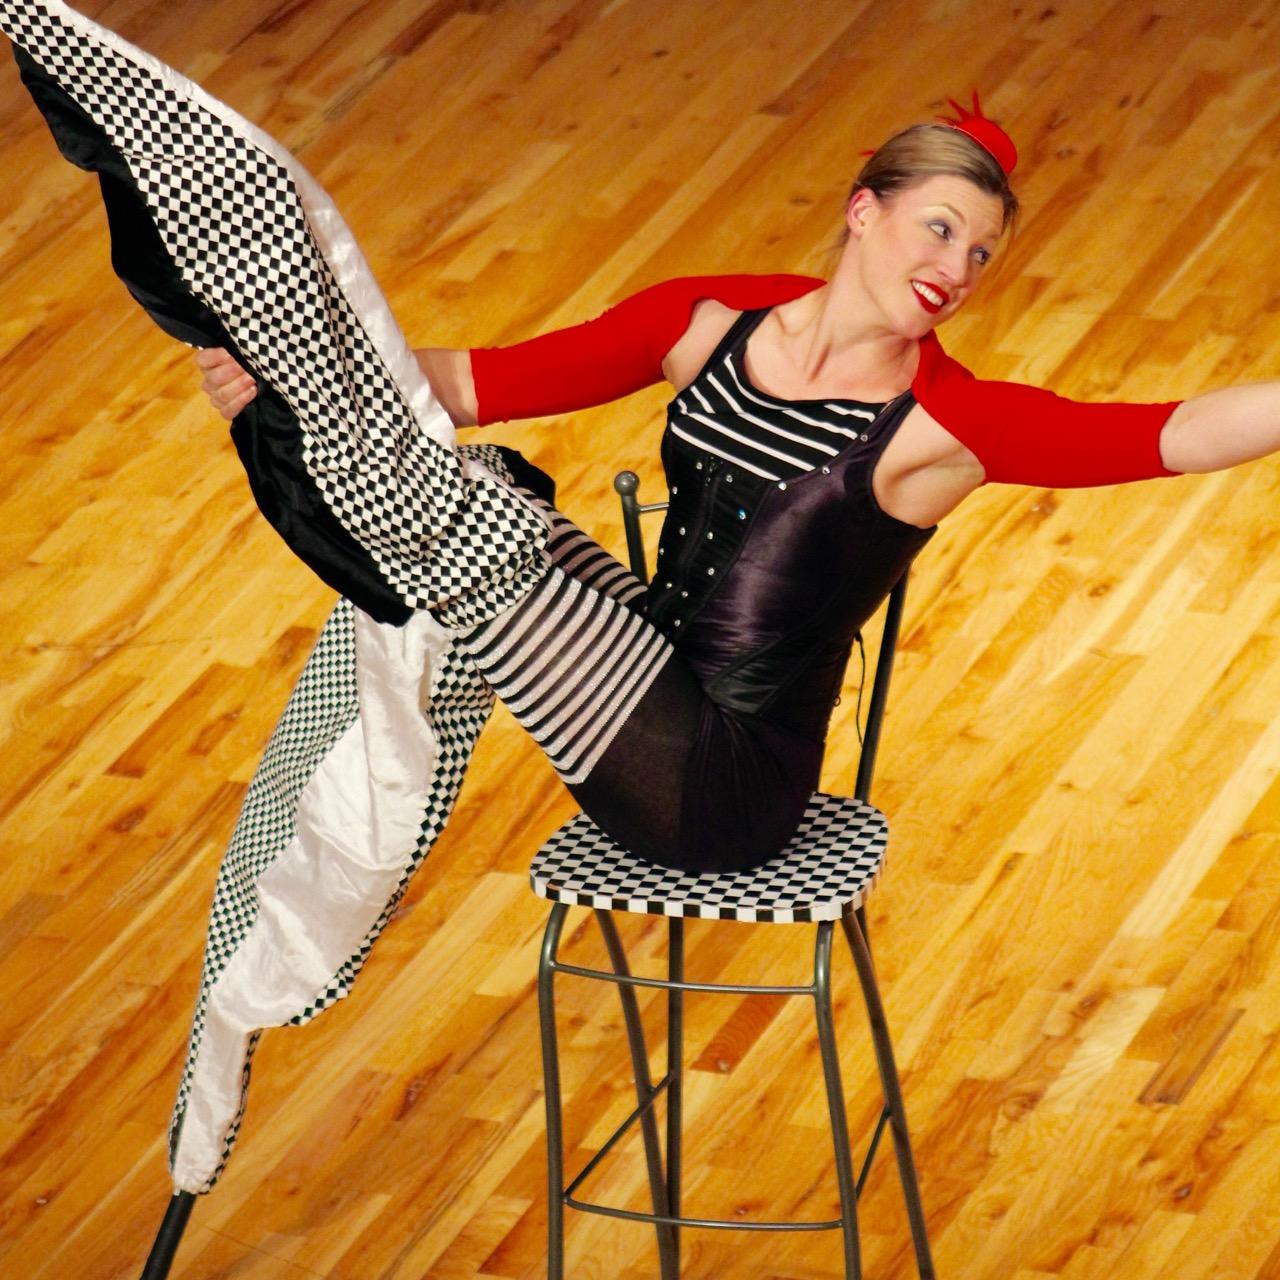 Danielle-Hendricks-stilts.jpg